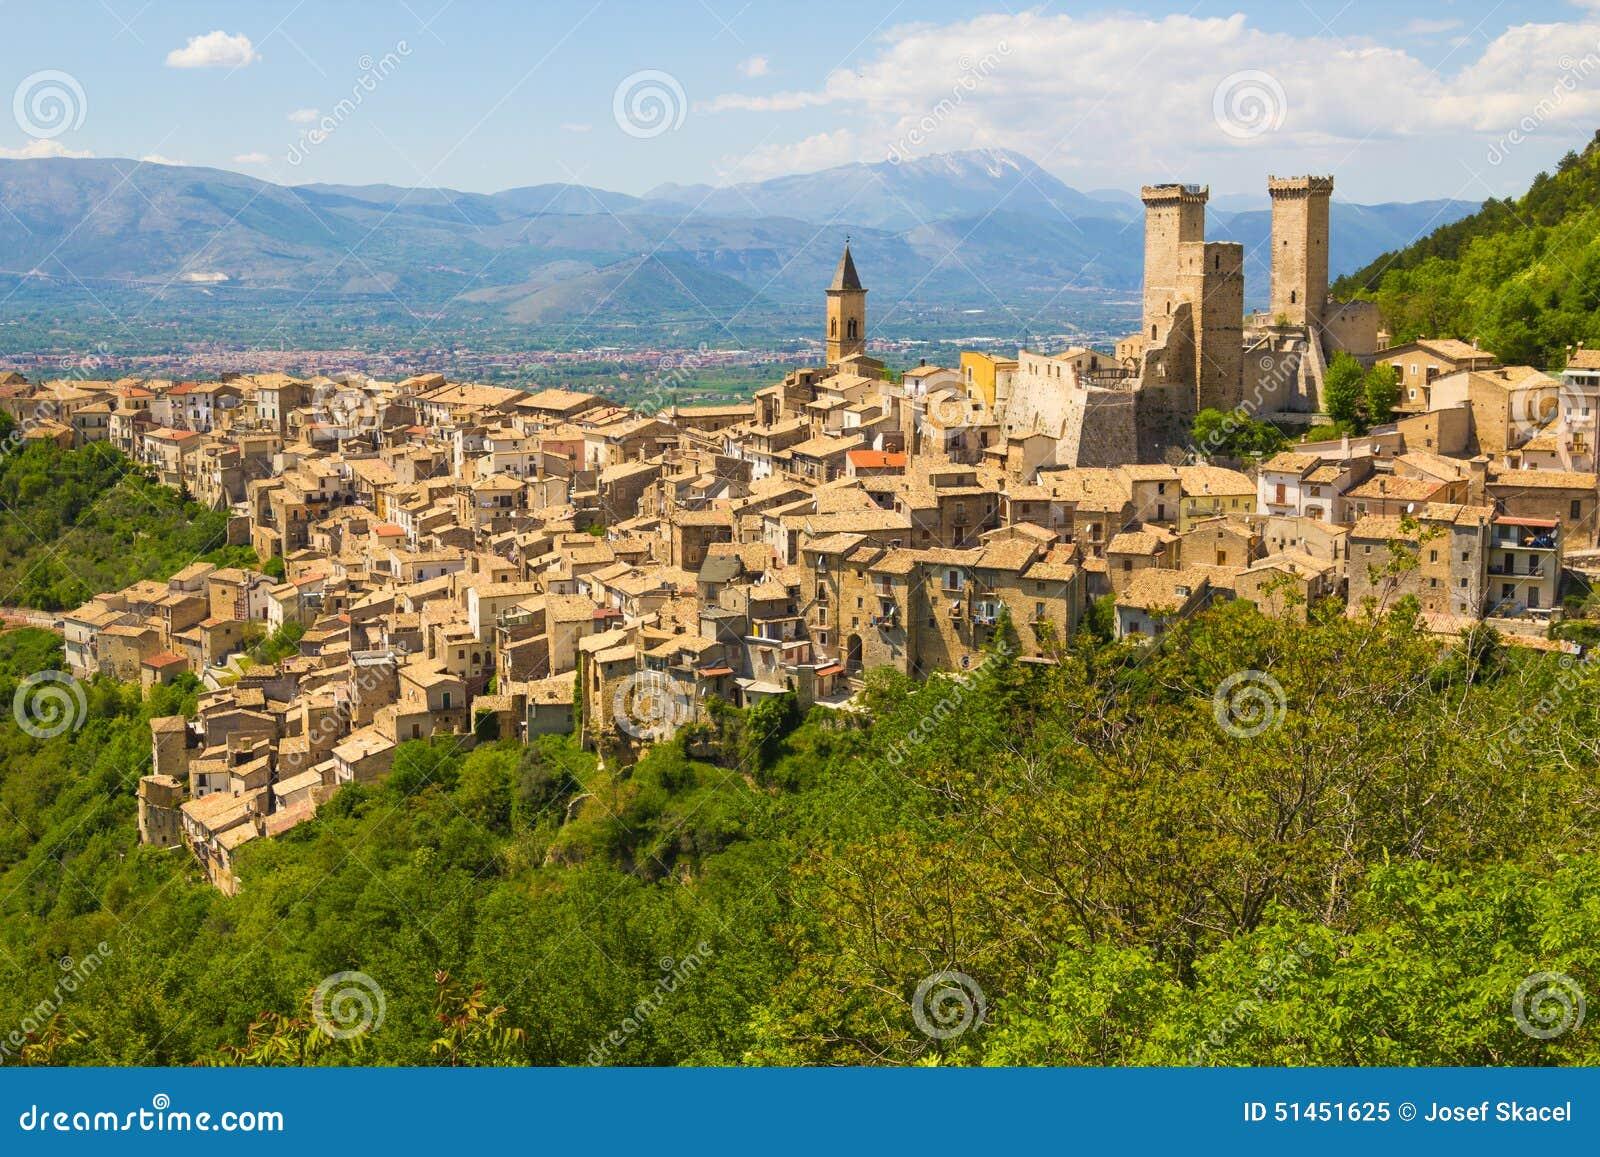 帕琴特罗中世纪公园,阿布鲁佐四方国家,意大利.比亚迪s6v公园村庄游图片